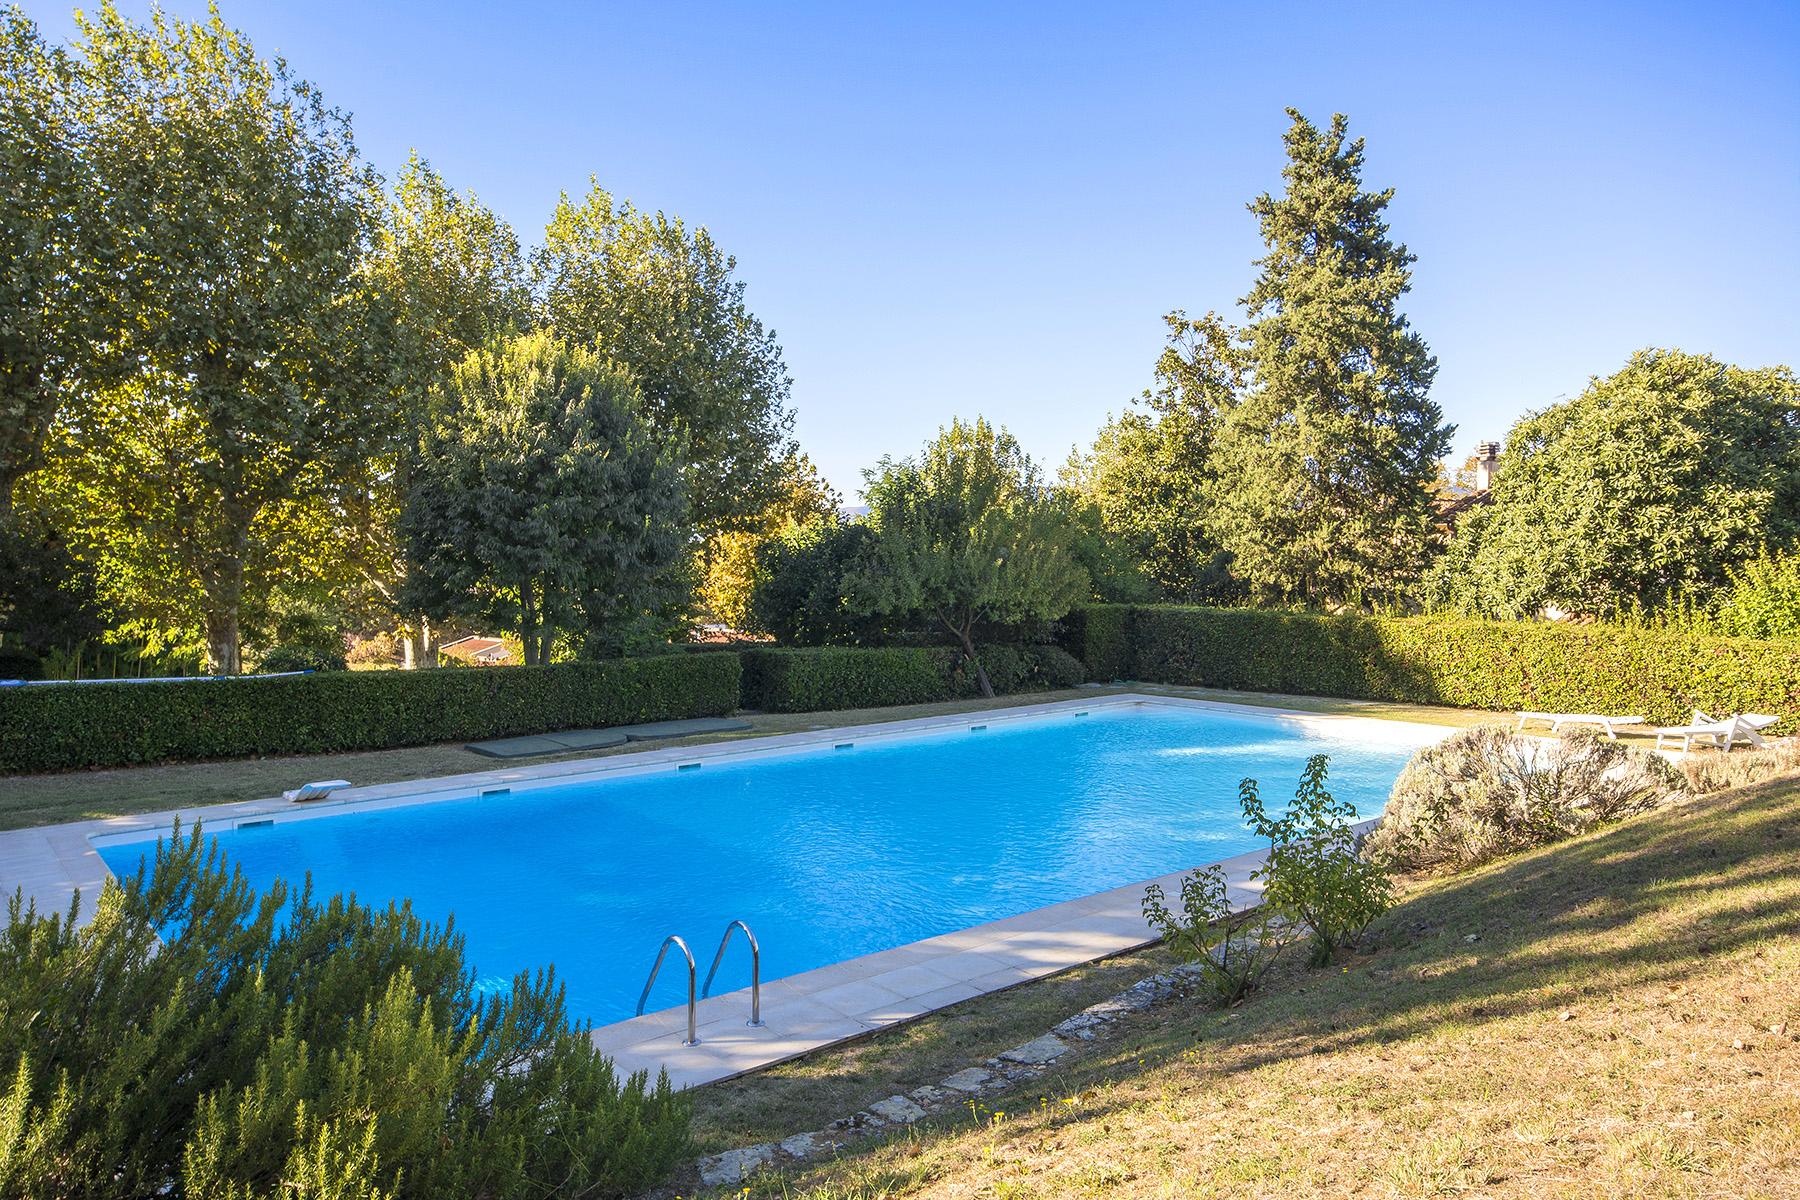 Casa indipendente in Vendita a Firenze: 5 locali, 128 mq - Foto 14